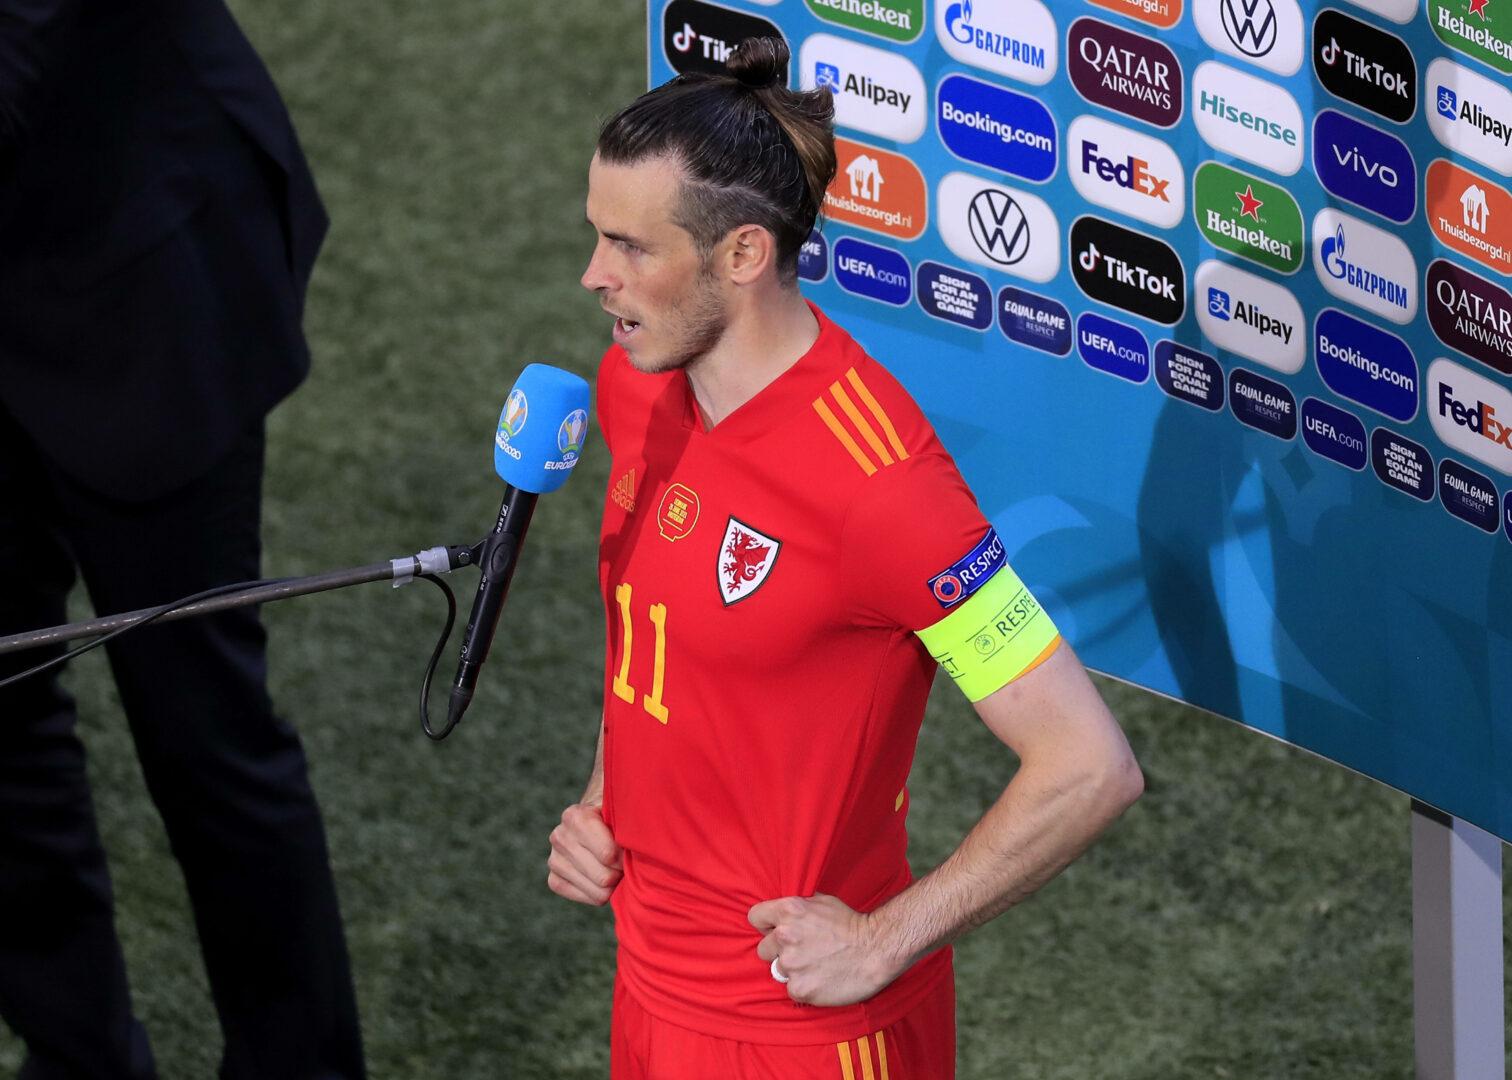 Wales: Bale bricht Interview nach Frage über seine Zukunft ab